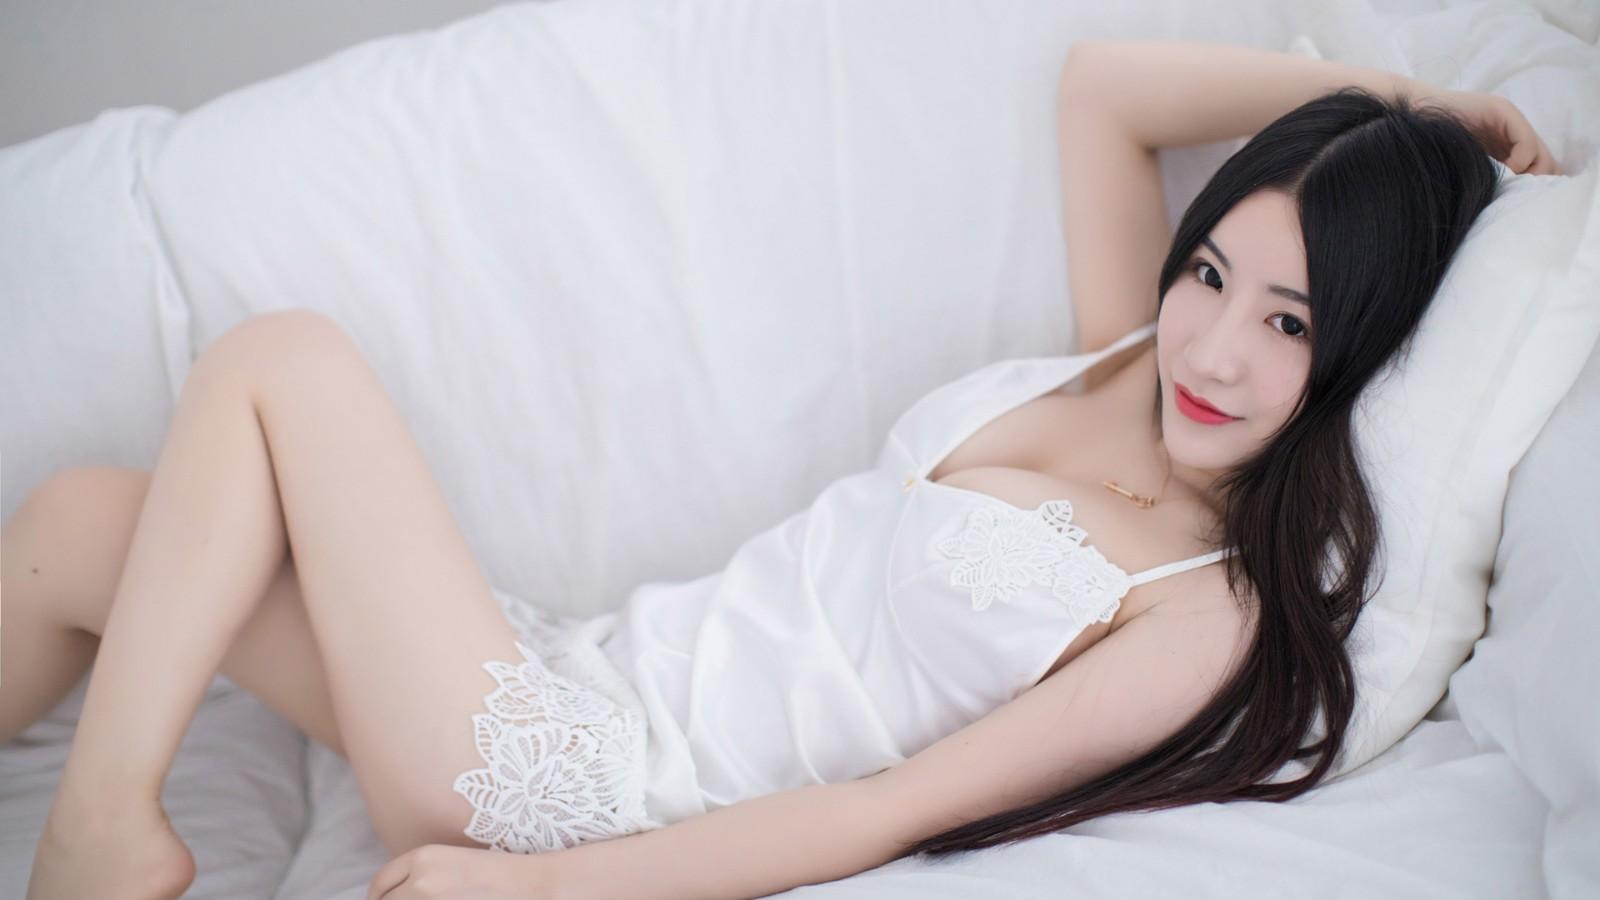 白色睡裙美女谢芷馨Sindy壁纸